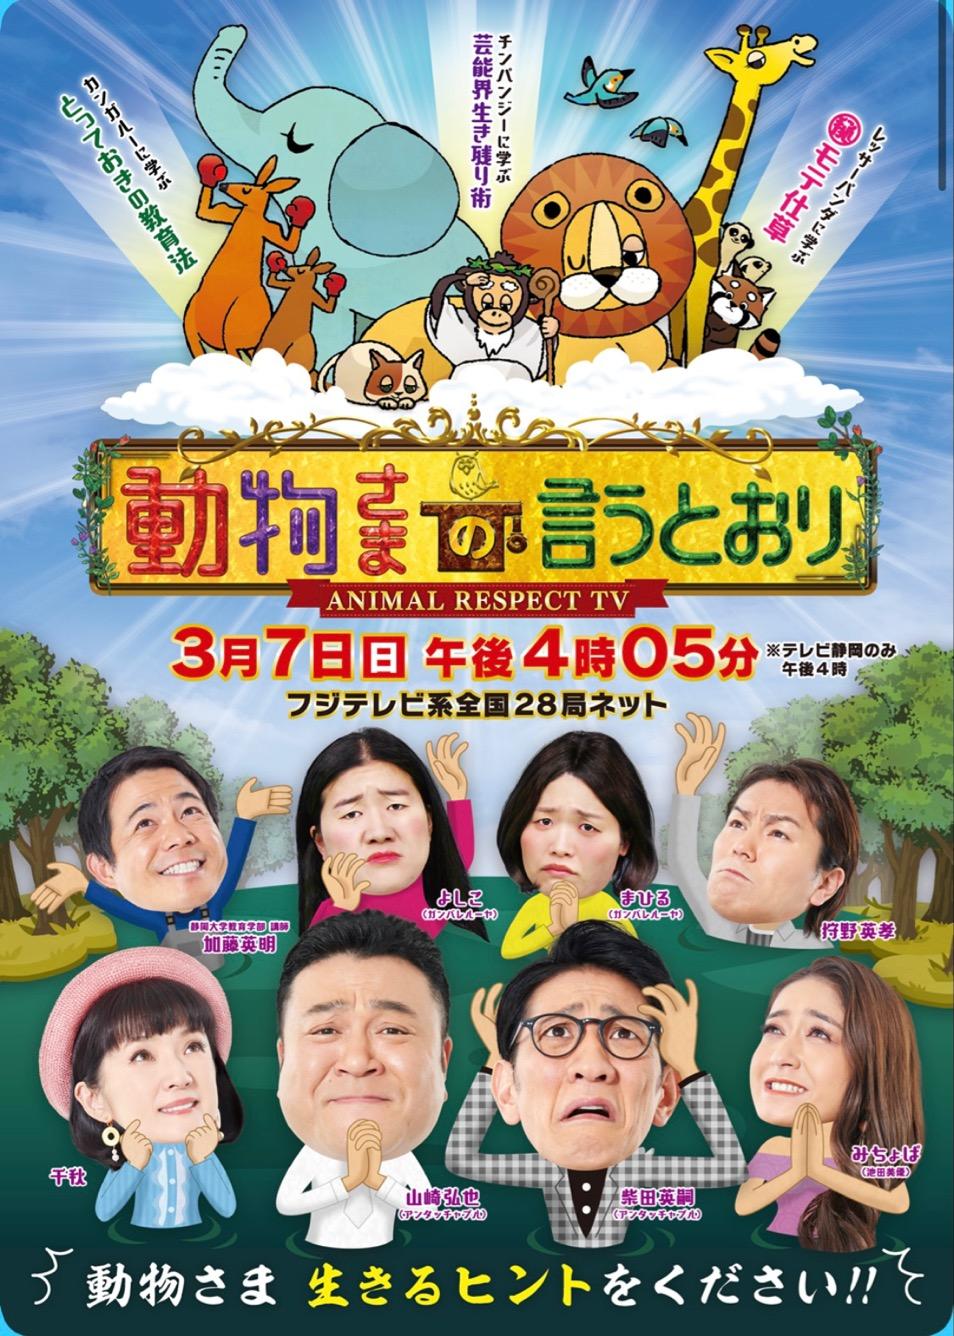 【メディア情報】3/7 16時5分~ テレビ静岡「動物さまの言うとおり」にて人類進化ベッドが取り上げられます。